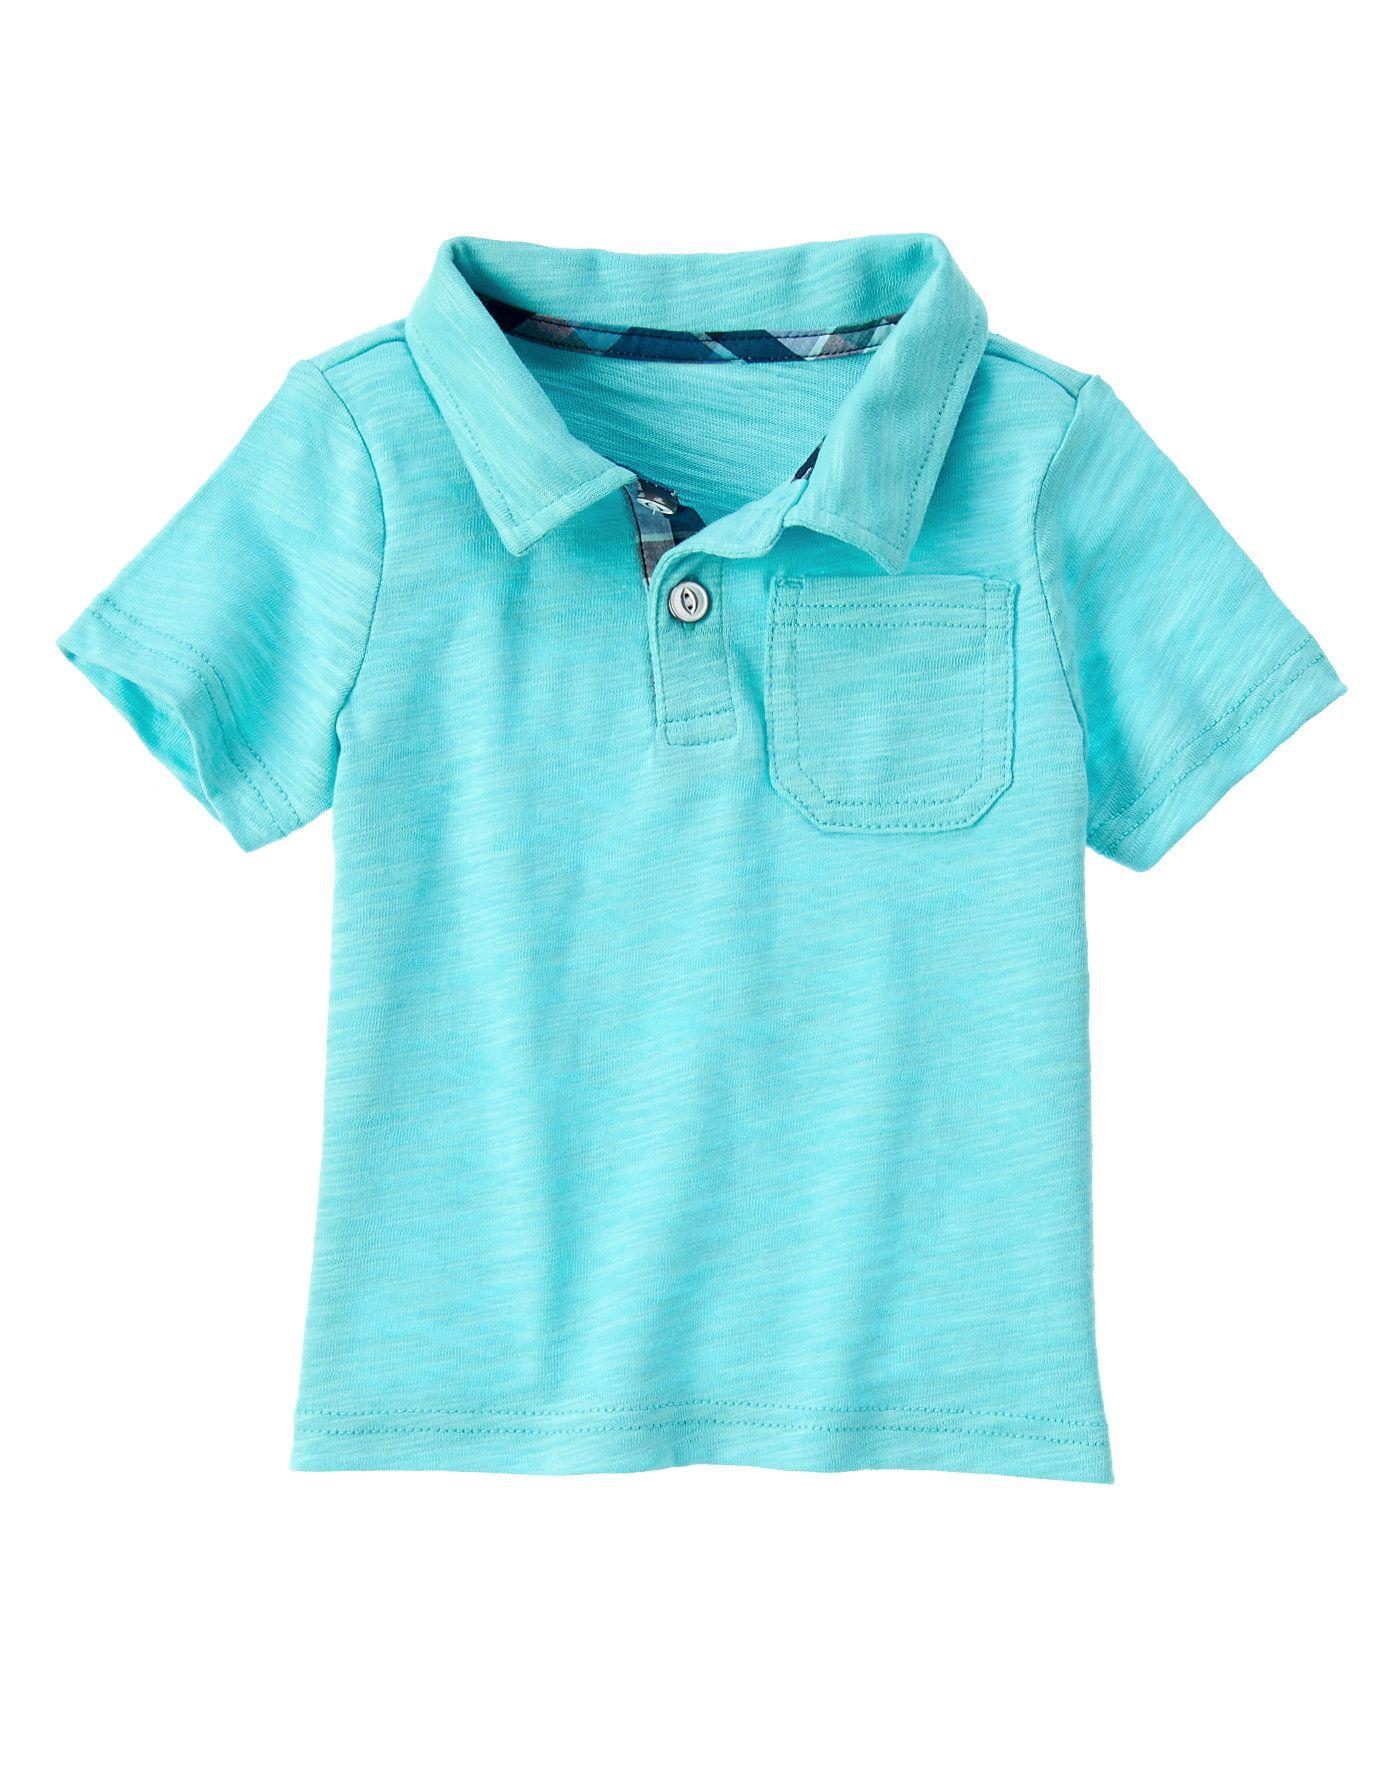 45ae5c1ff830 Slub Polo Shirt at Gymboree (Gymboree 6m-5T)